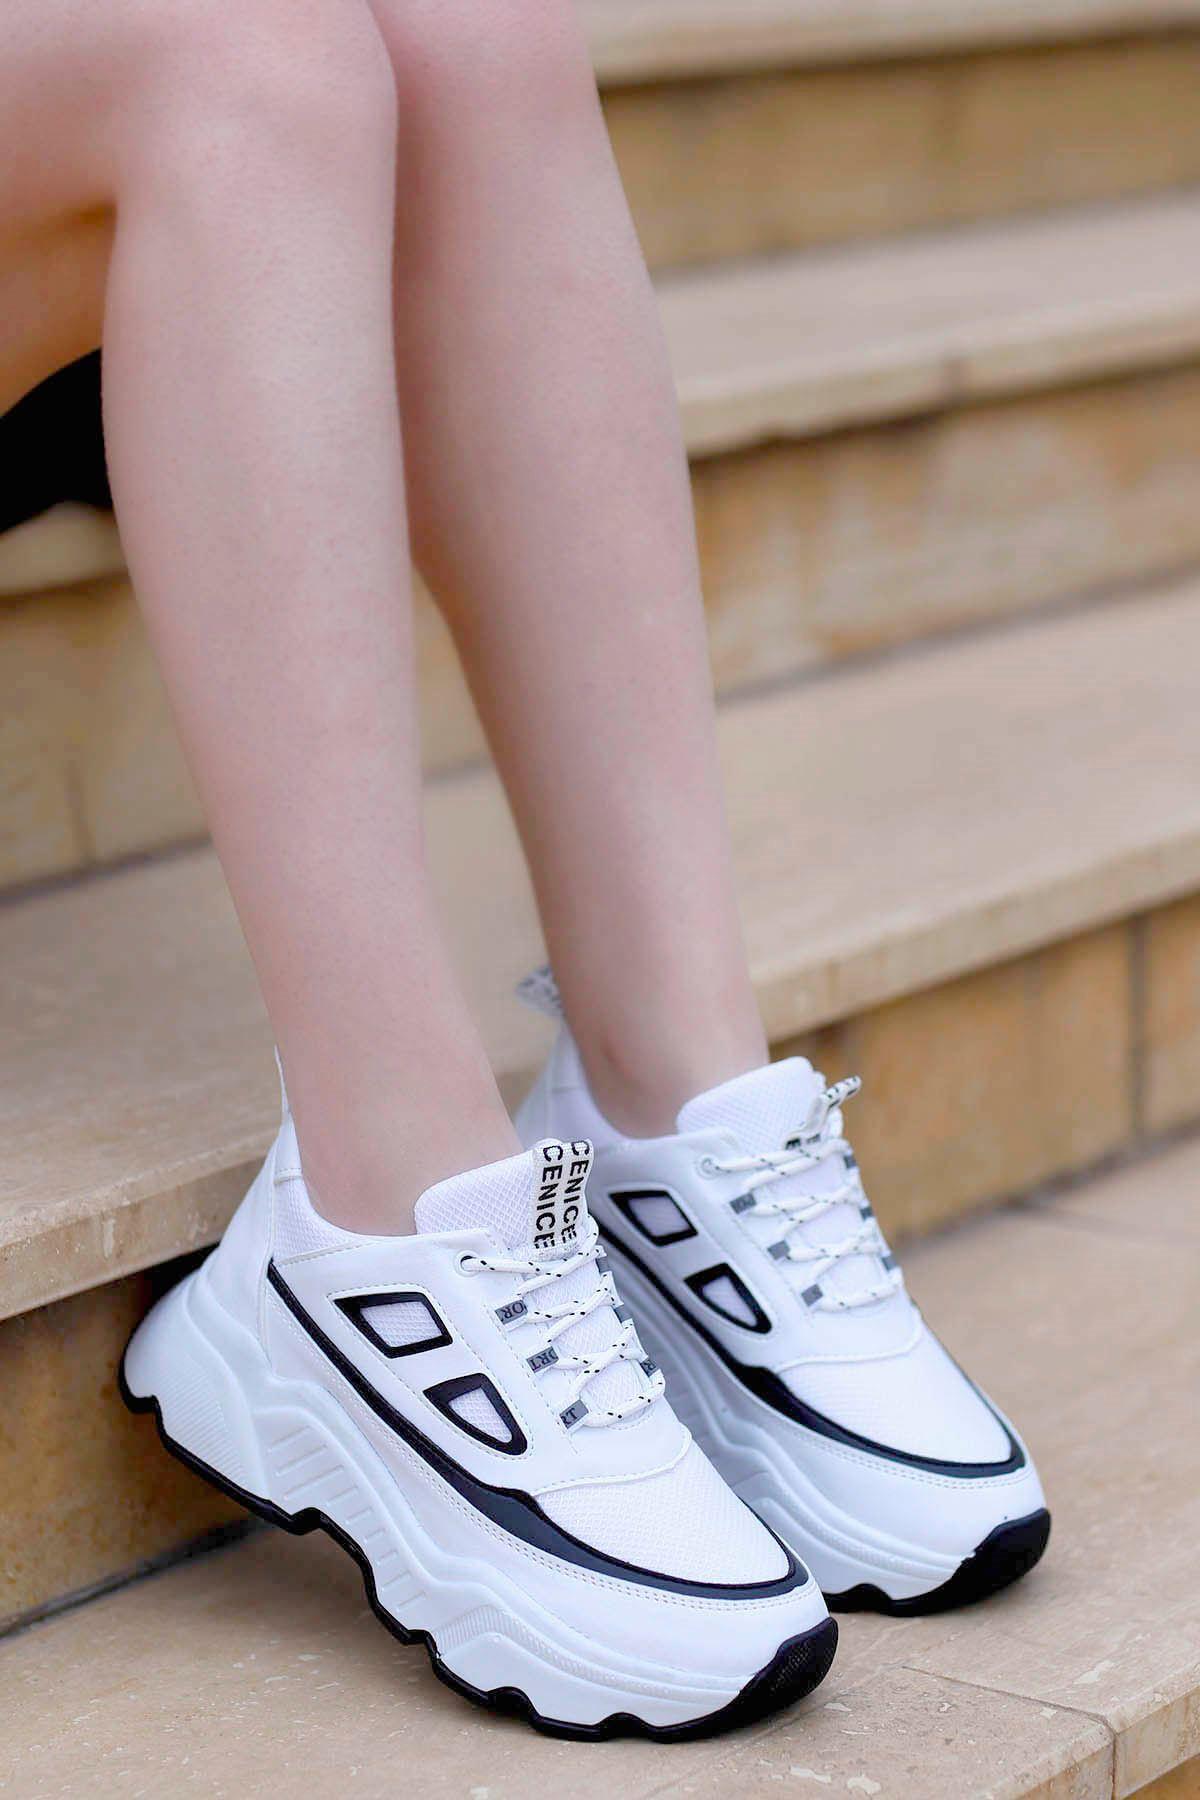 Frm-107 Spor Ayakkabı Beyaz Siyah Detay